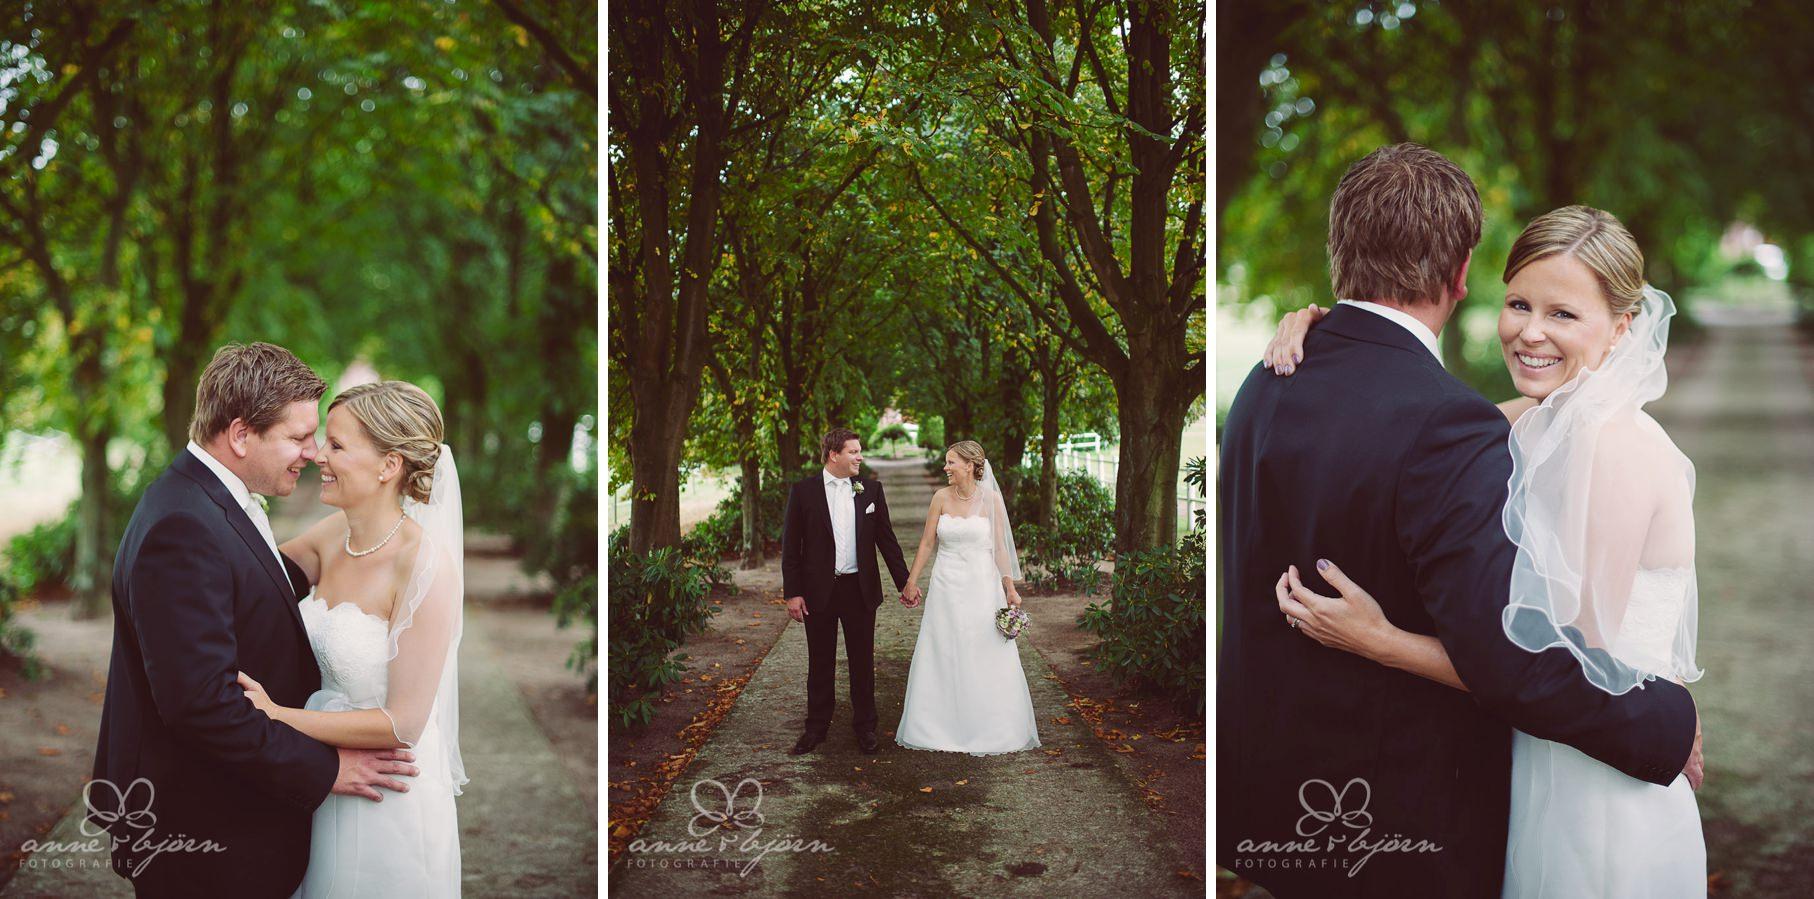 0085 cup aub 22010 bearbeitet 1 - Conny und Philipp - Hochzeit im Hotel Waldhof auf Herrenland